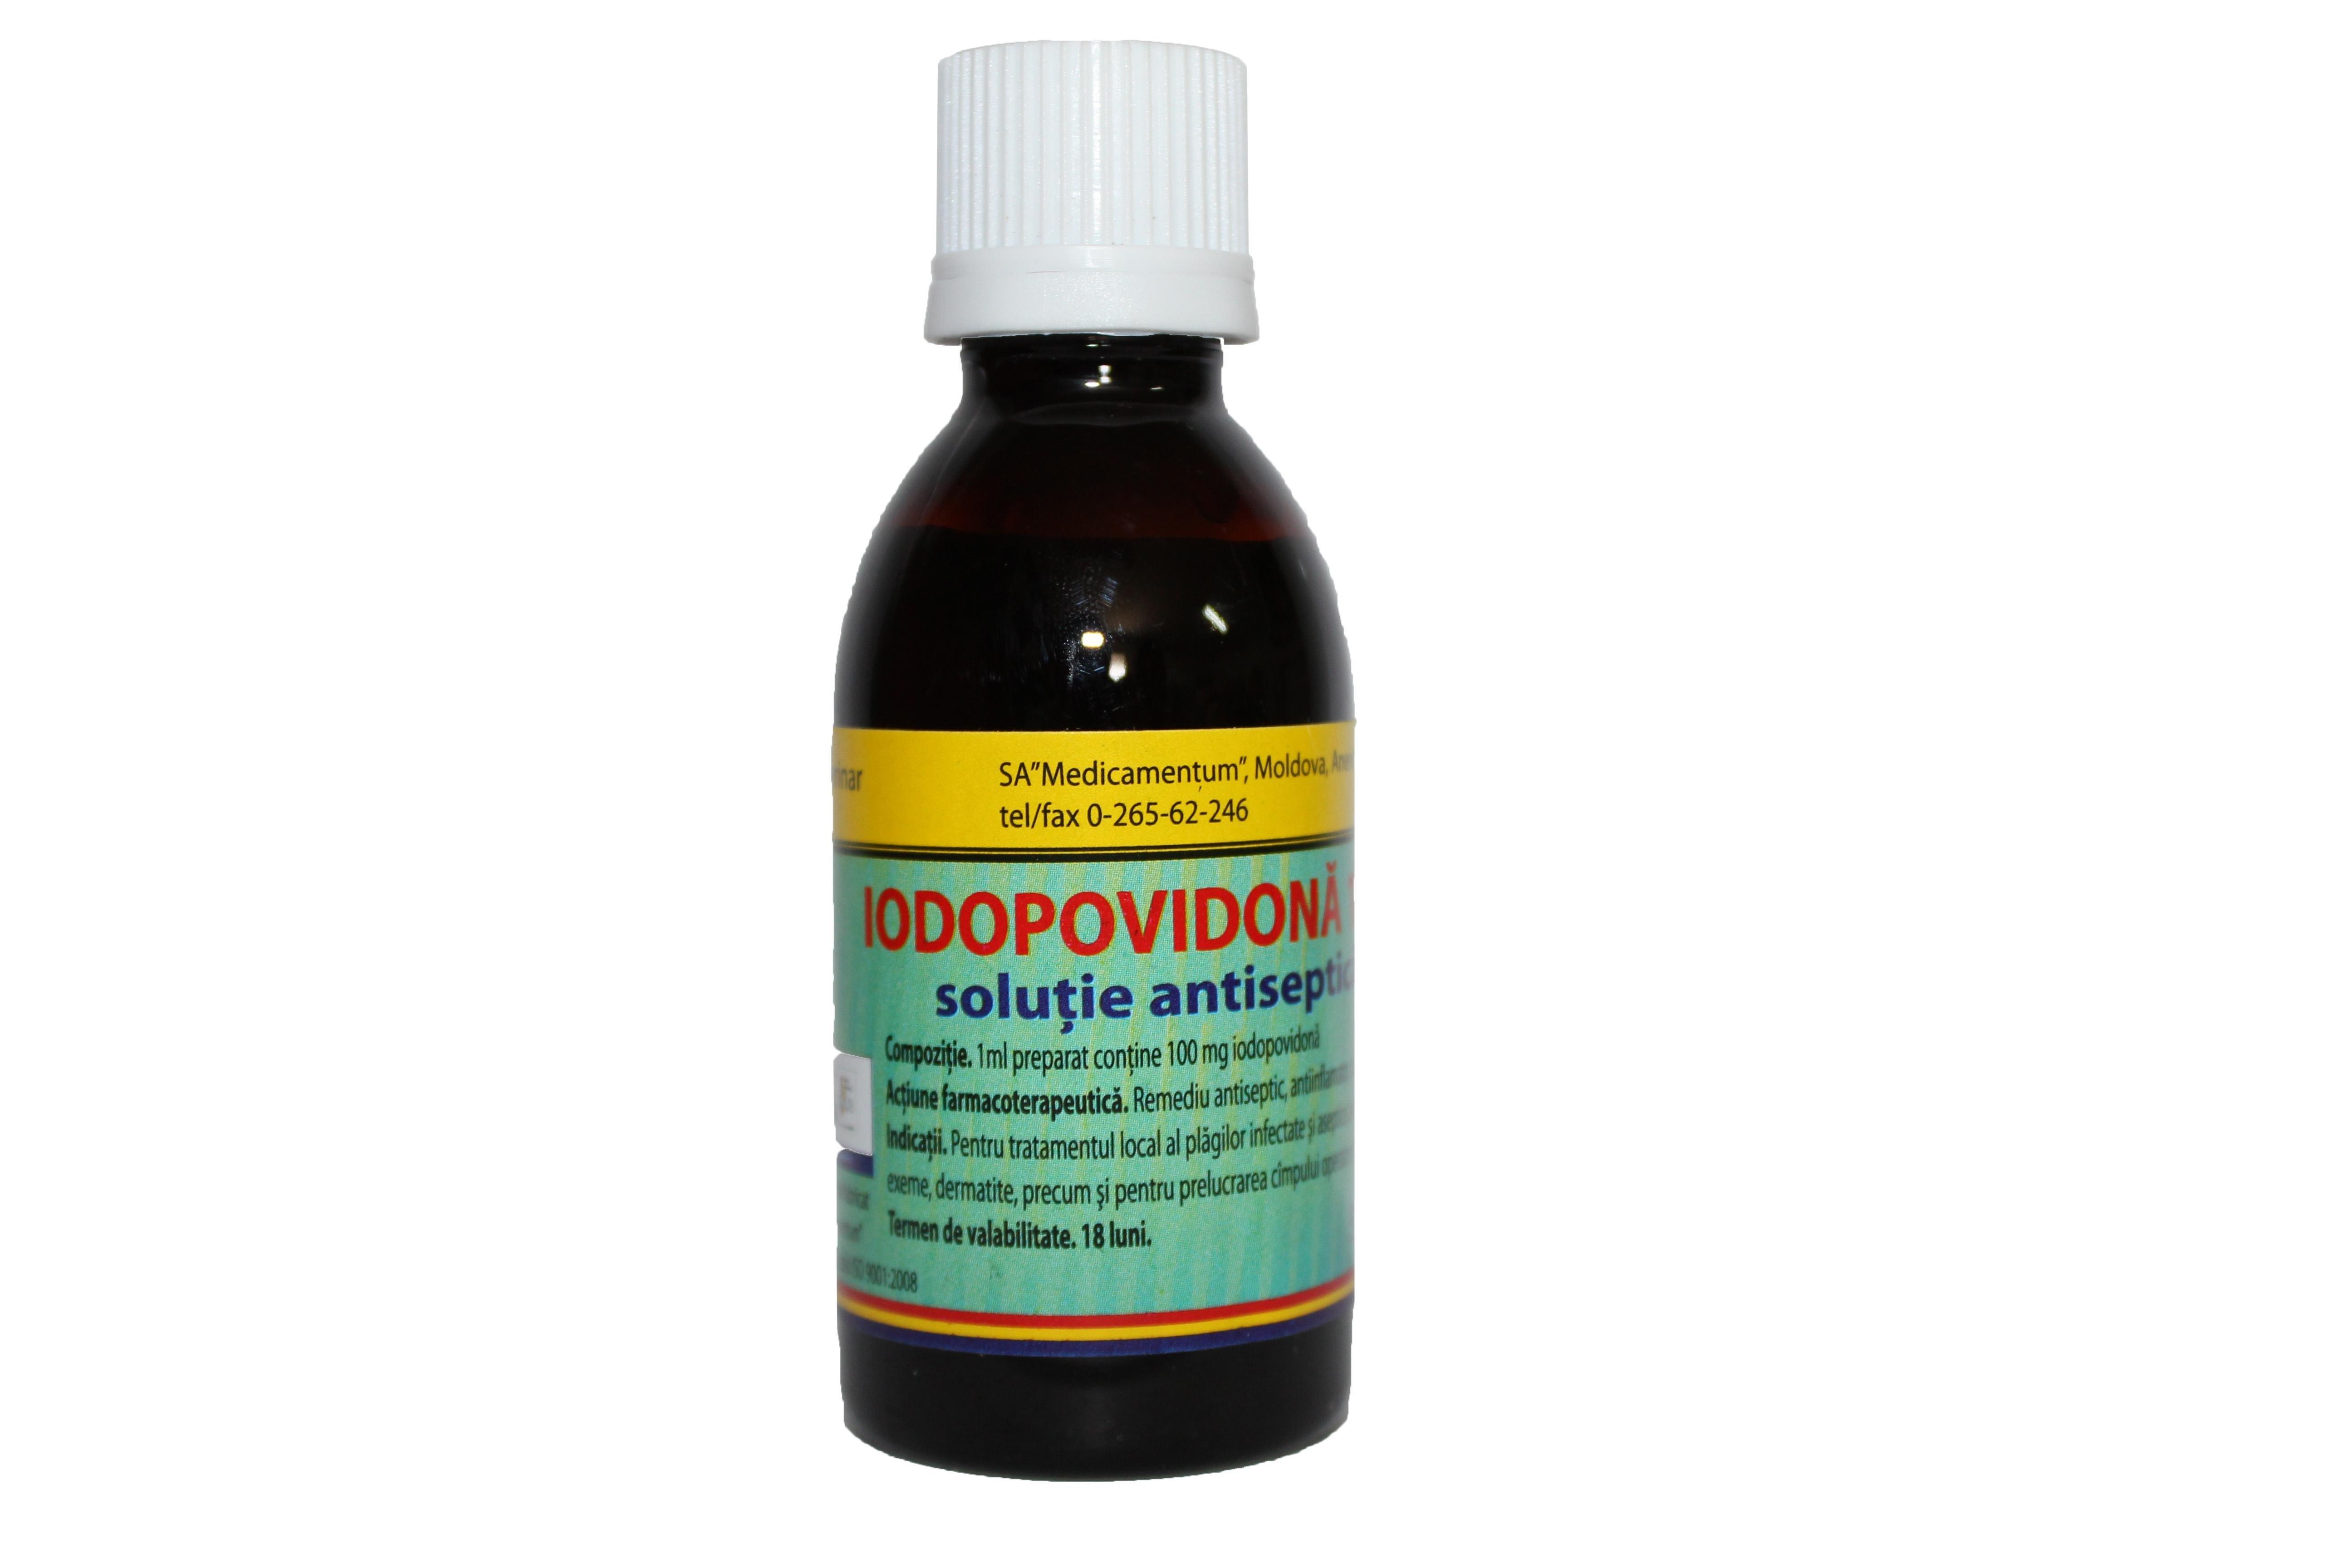 Iodopovidona medicamentum local goods made in moldova for Where to buy fish mox locally